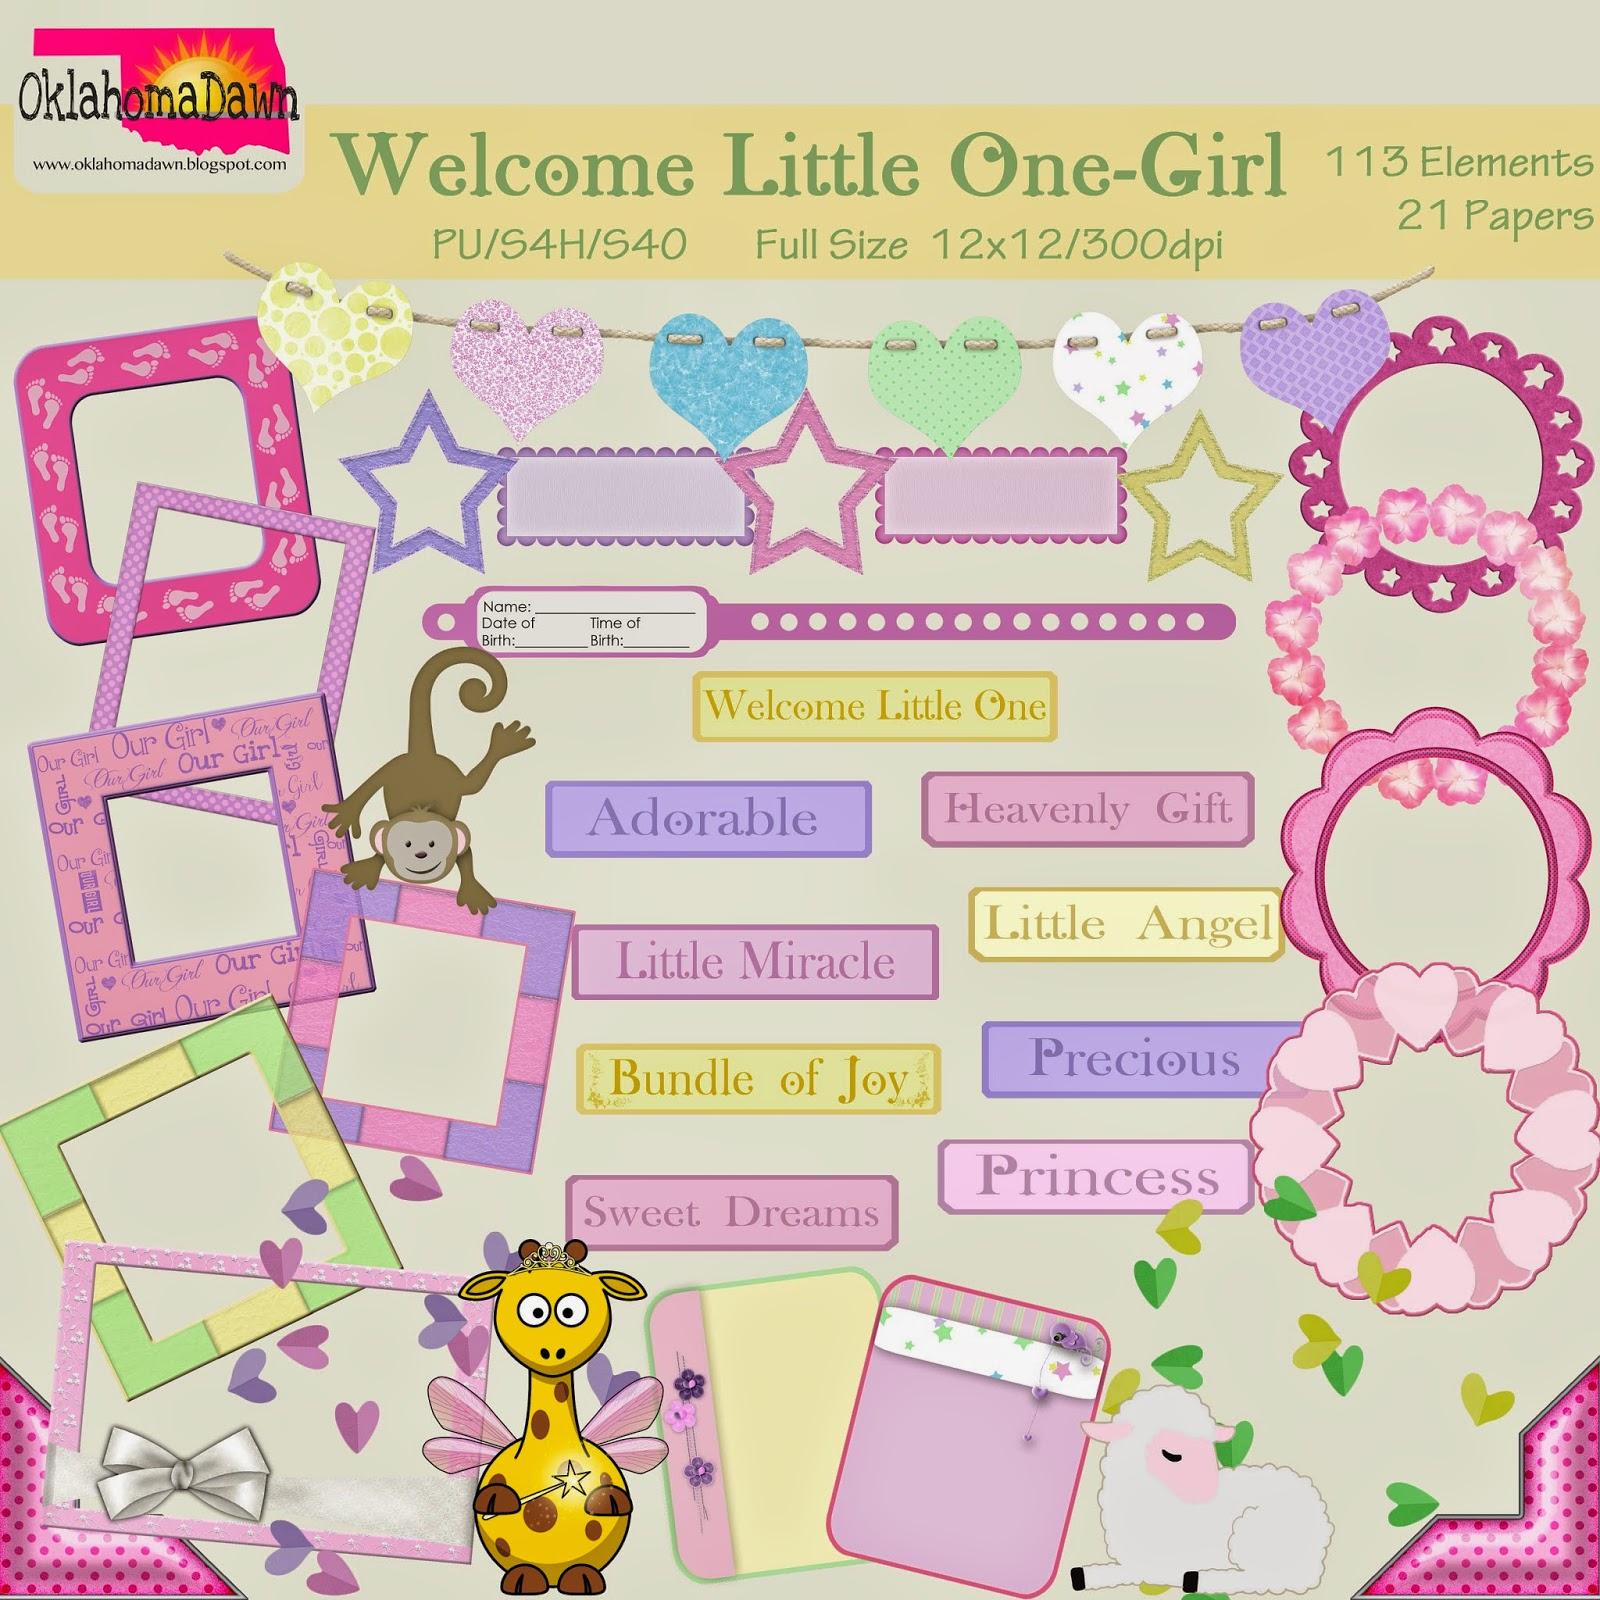 http://2.bp.blogspot.com/-p4ubDlAvwBA/VHE9gDfRRSI/AAAAAAAAA9Q/VU6wLX8MgQU/s1600/Preview_elements3.jpg